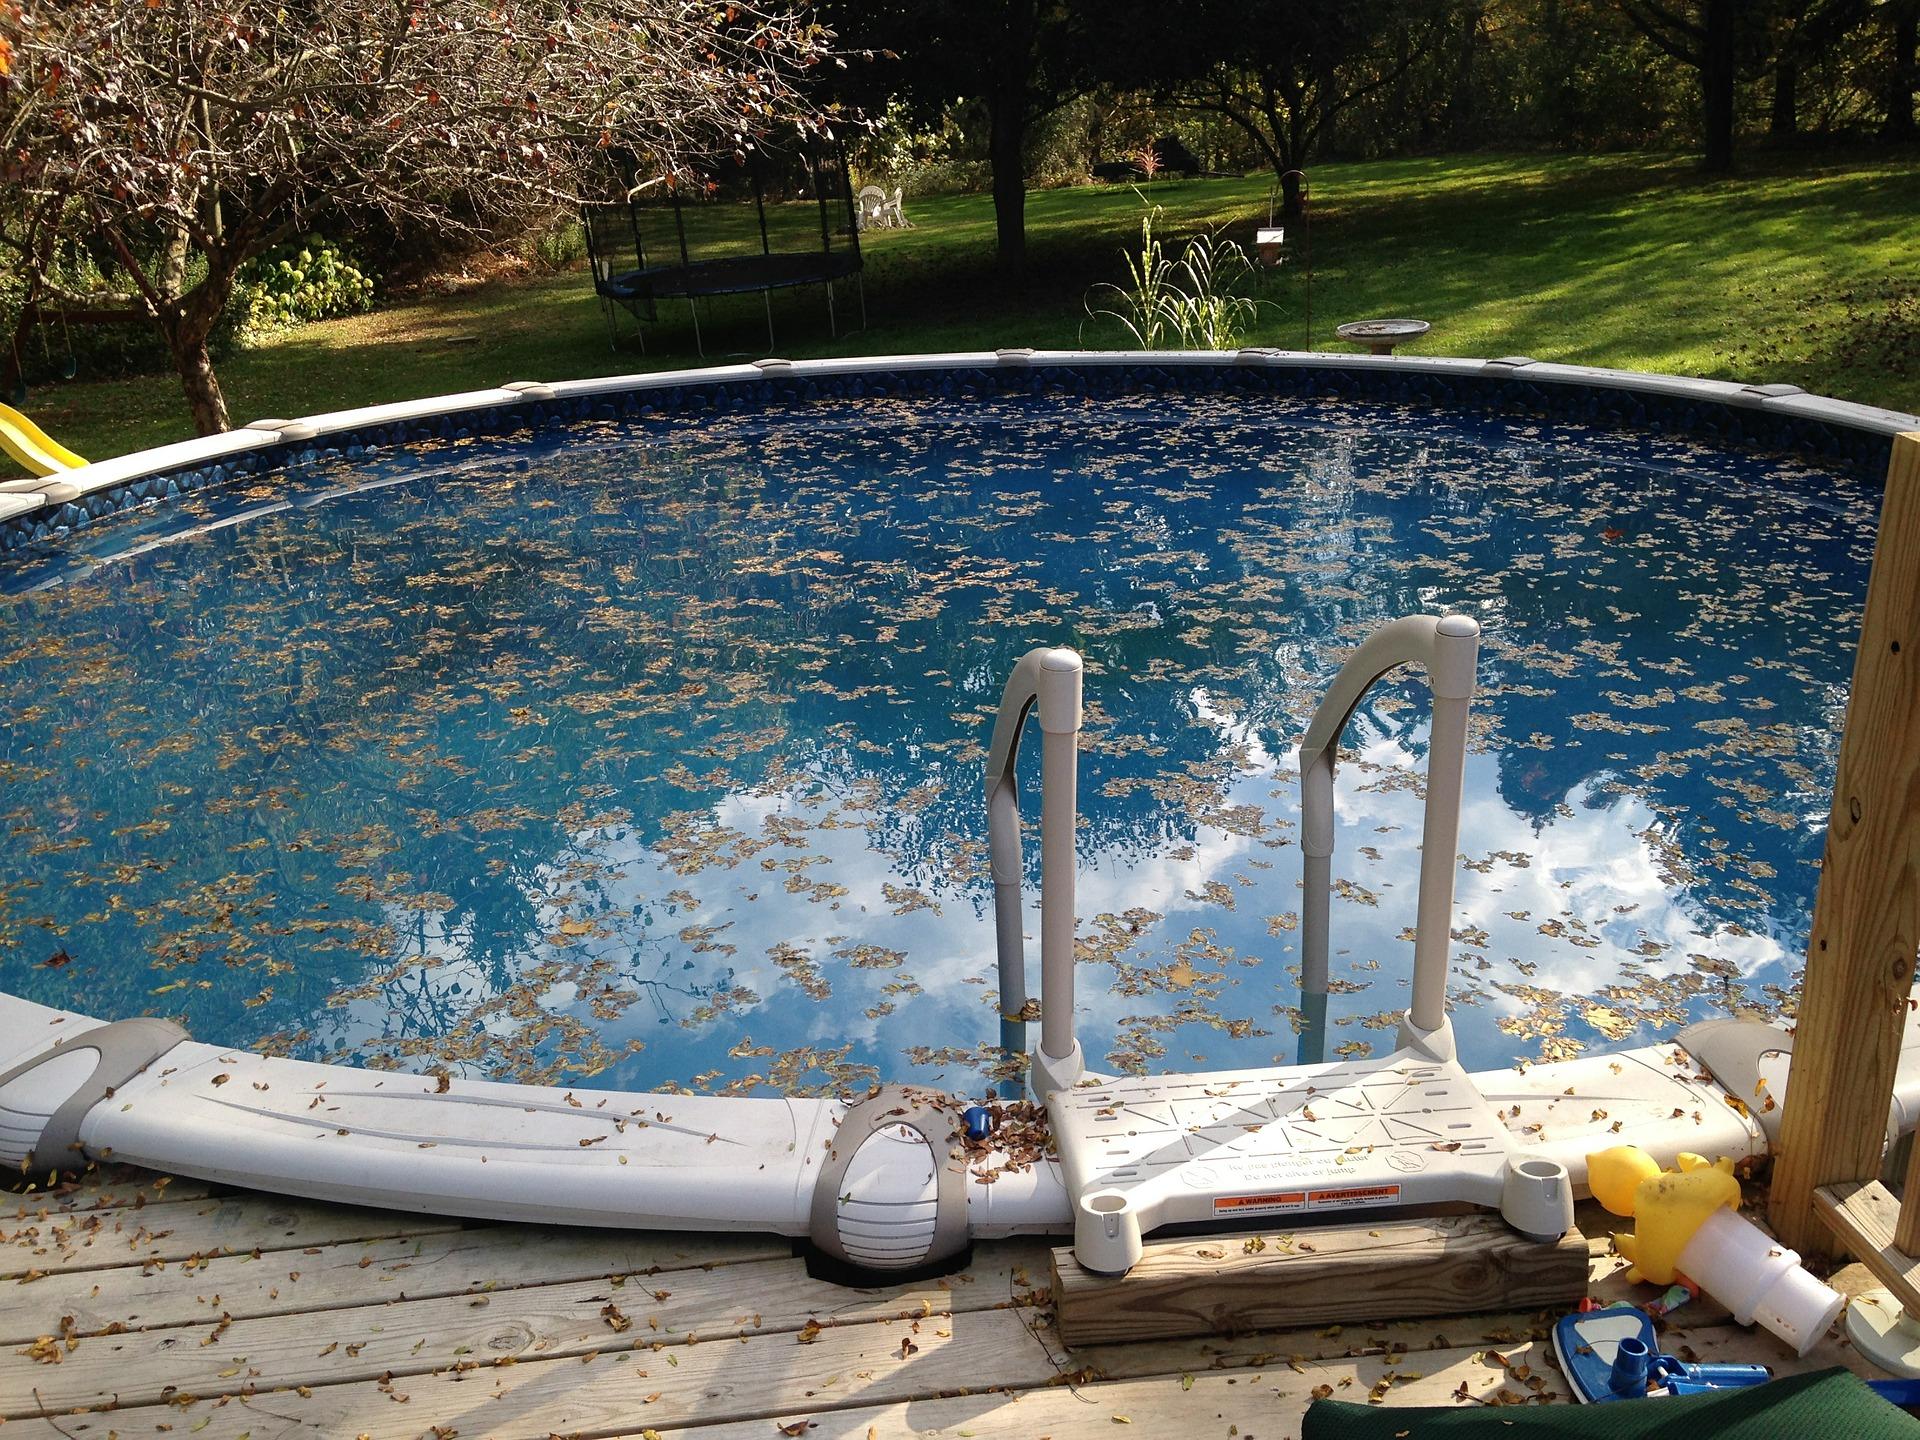 fermeture et ouverture de piscine